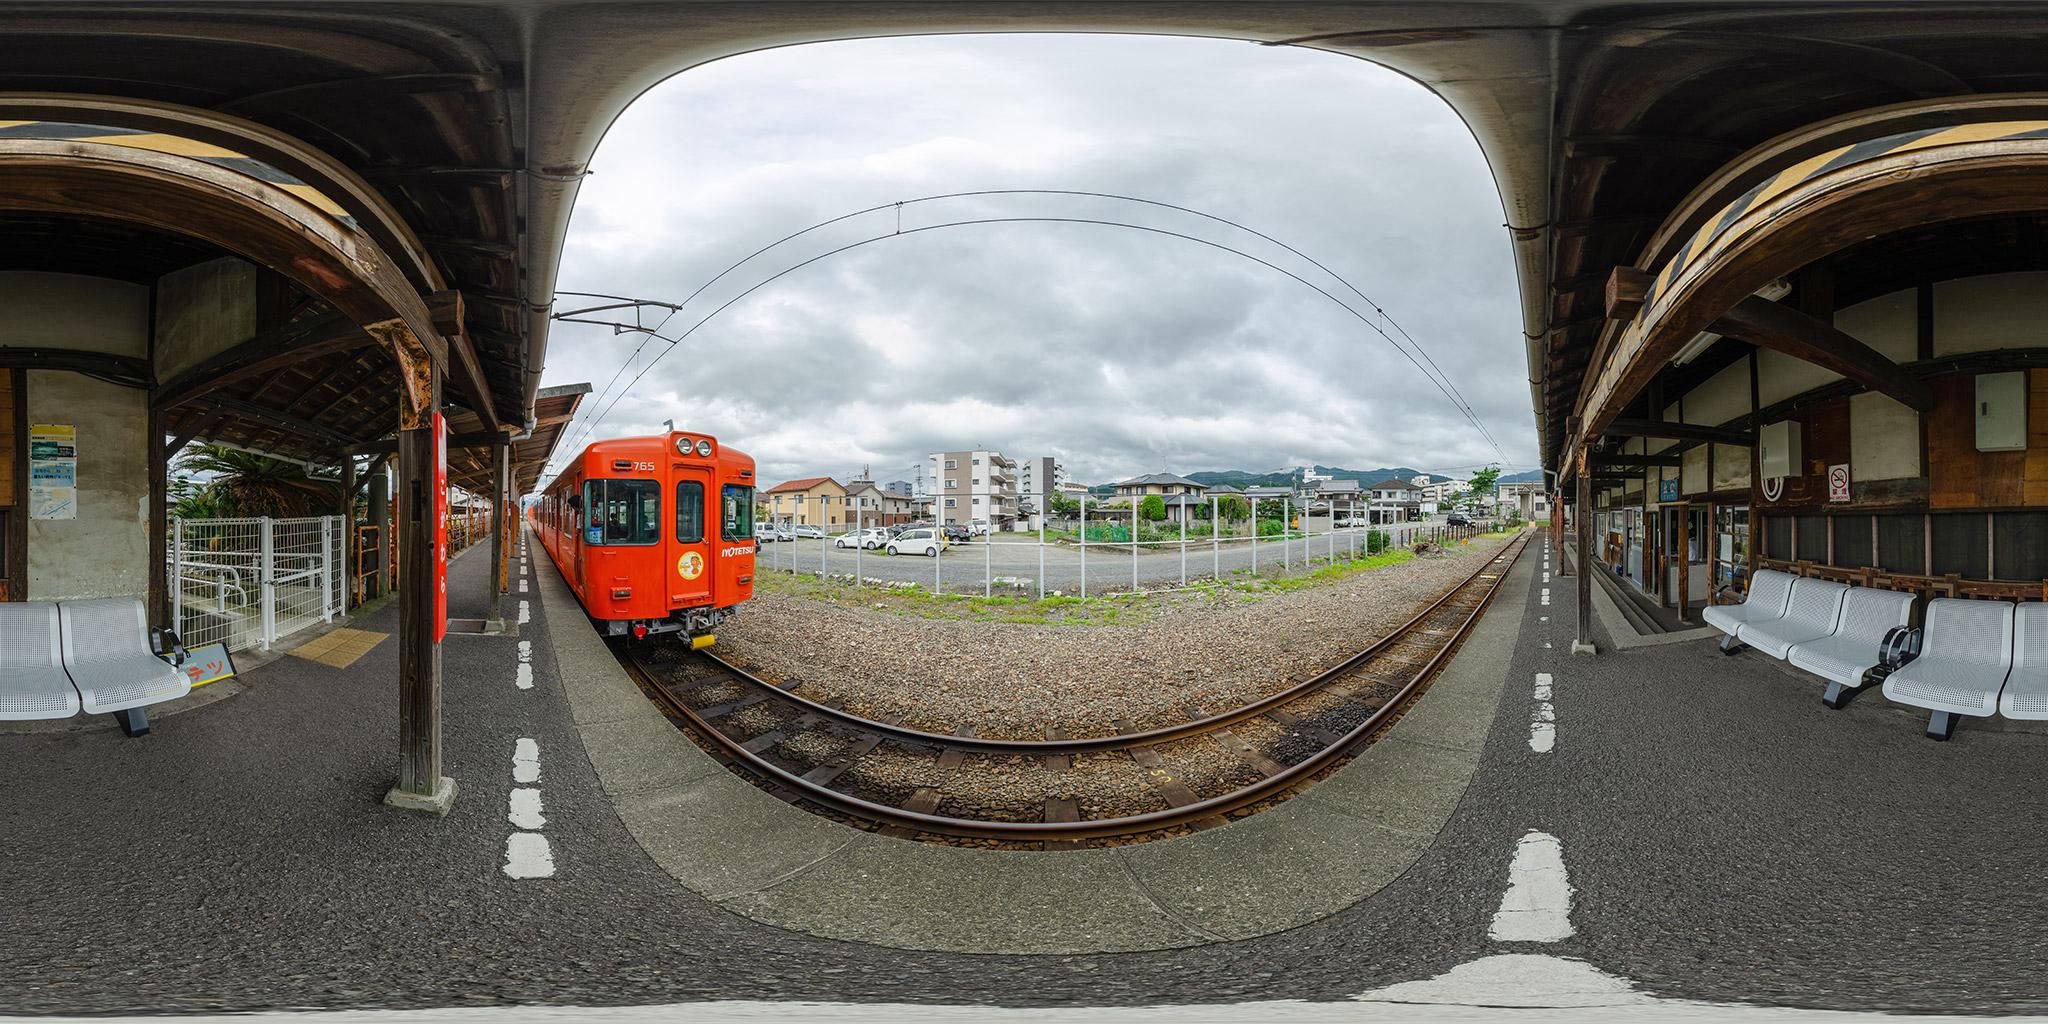 伊予鉄横河原駅の旧木造駅舎と700系電車